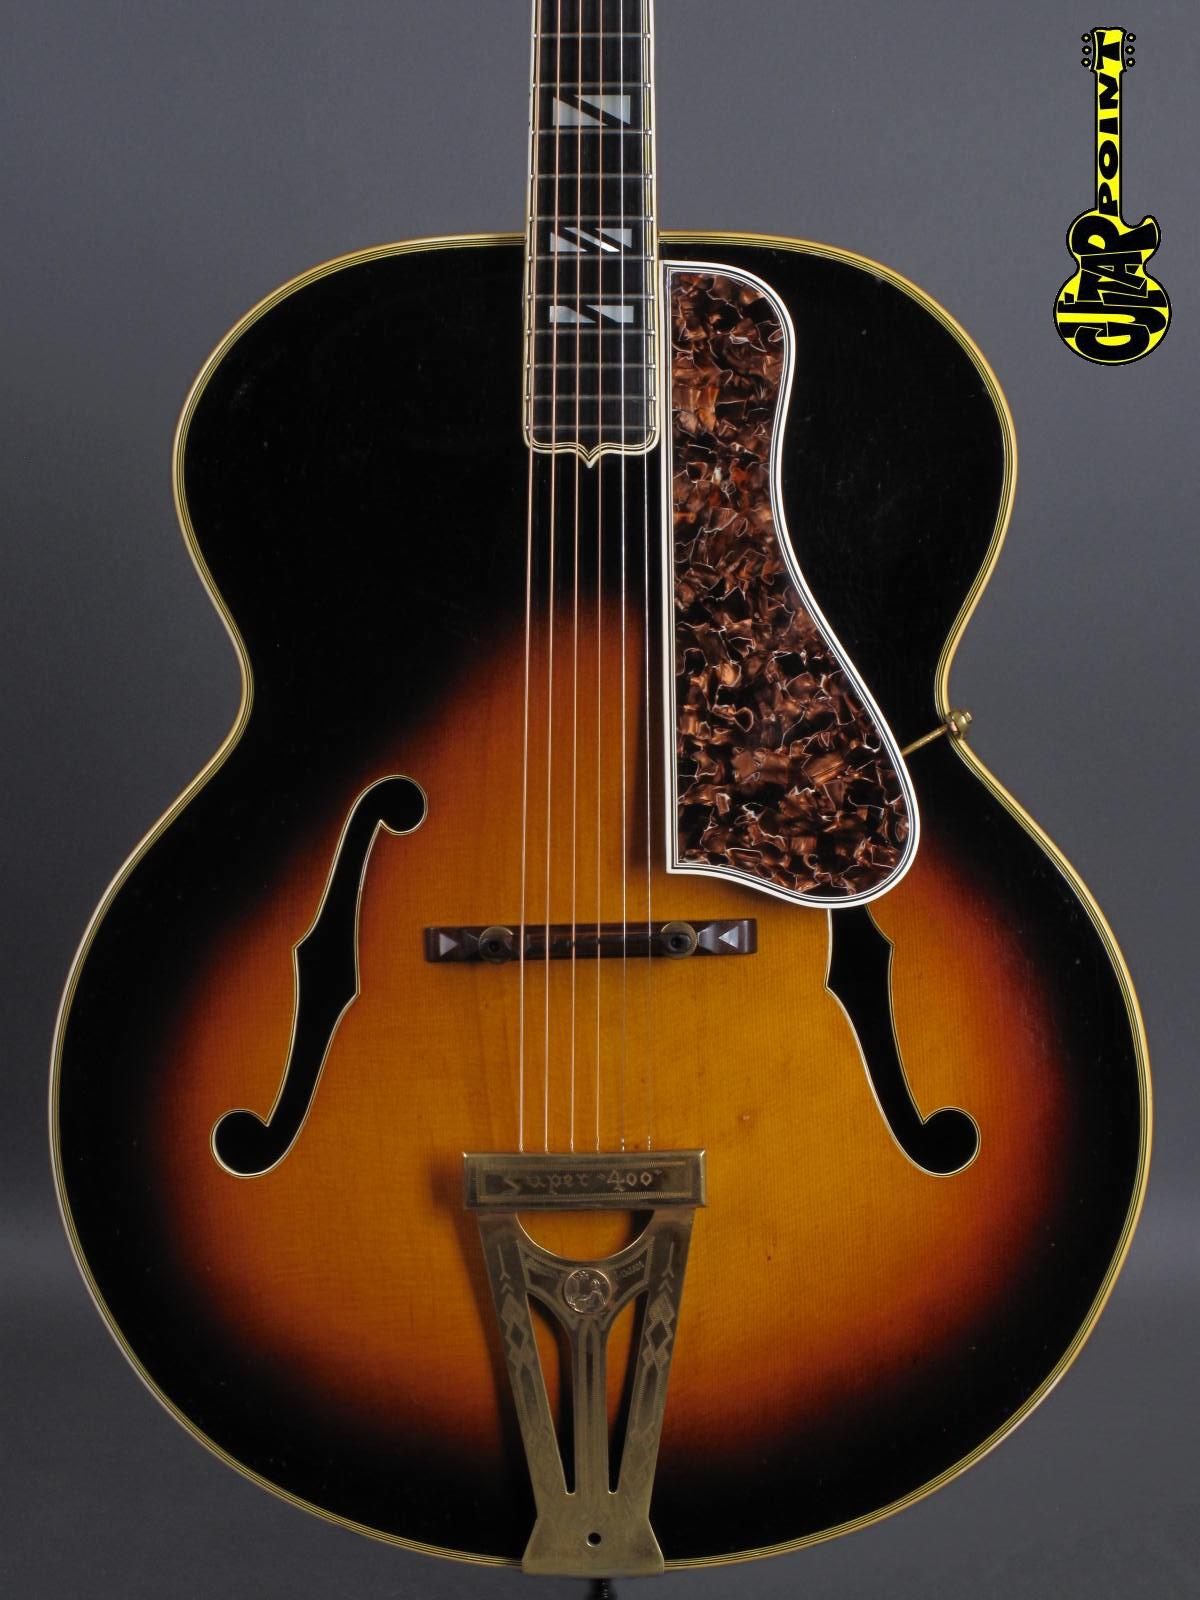 1939 Gibson Super 400 - Sunburst inkl. Case